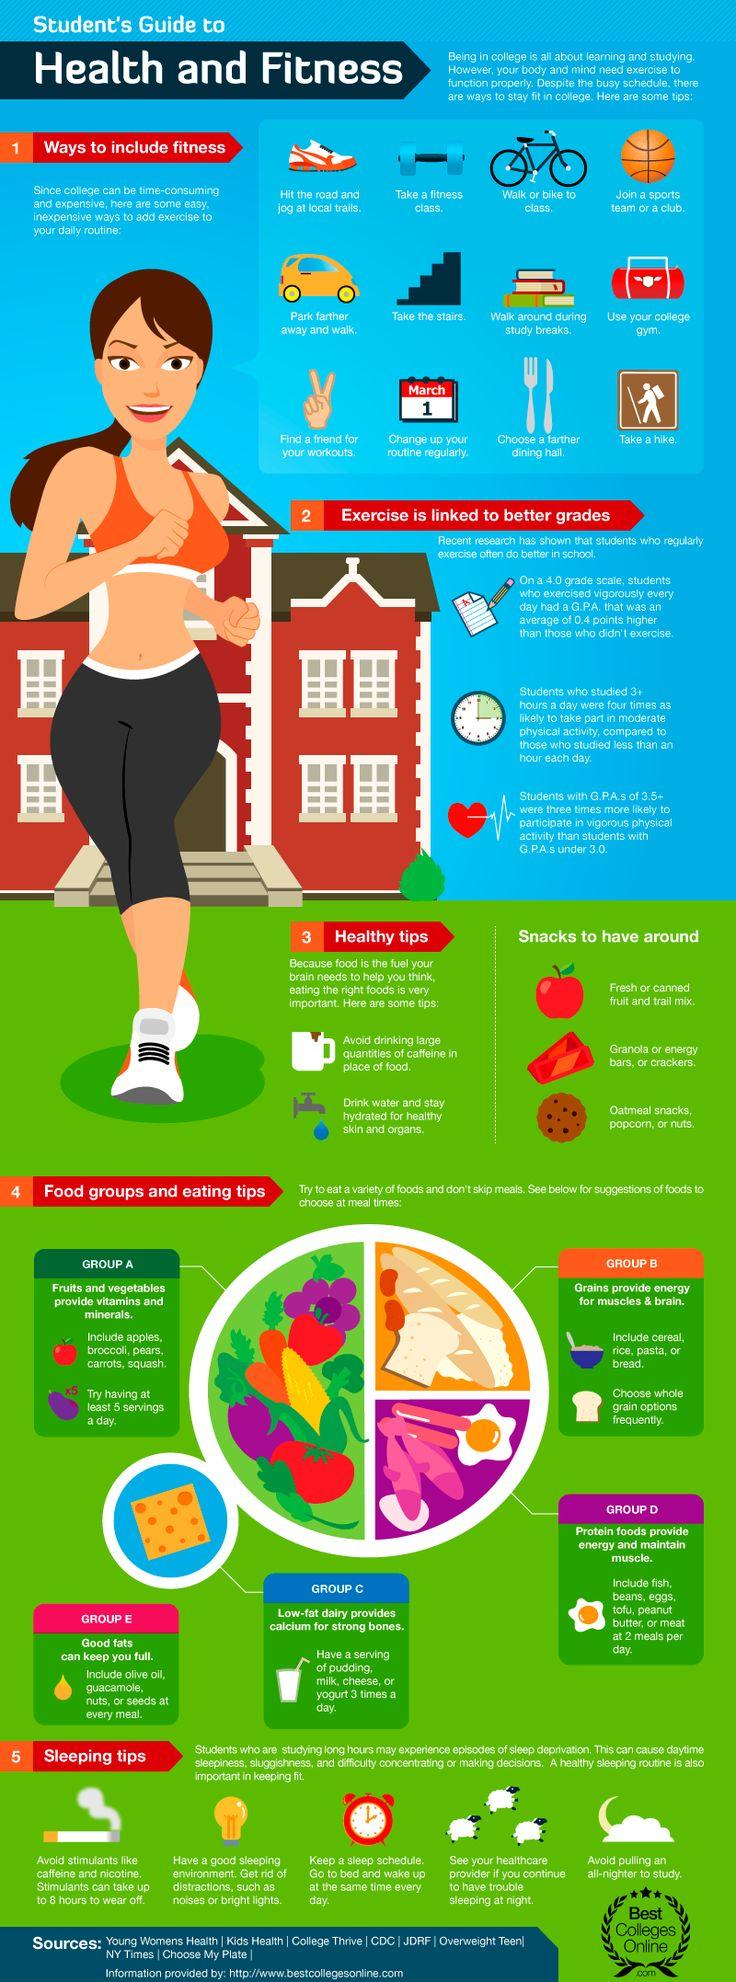 Cuanto cuesta reduce fat fast en costa rica image 10